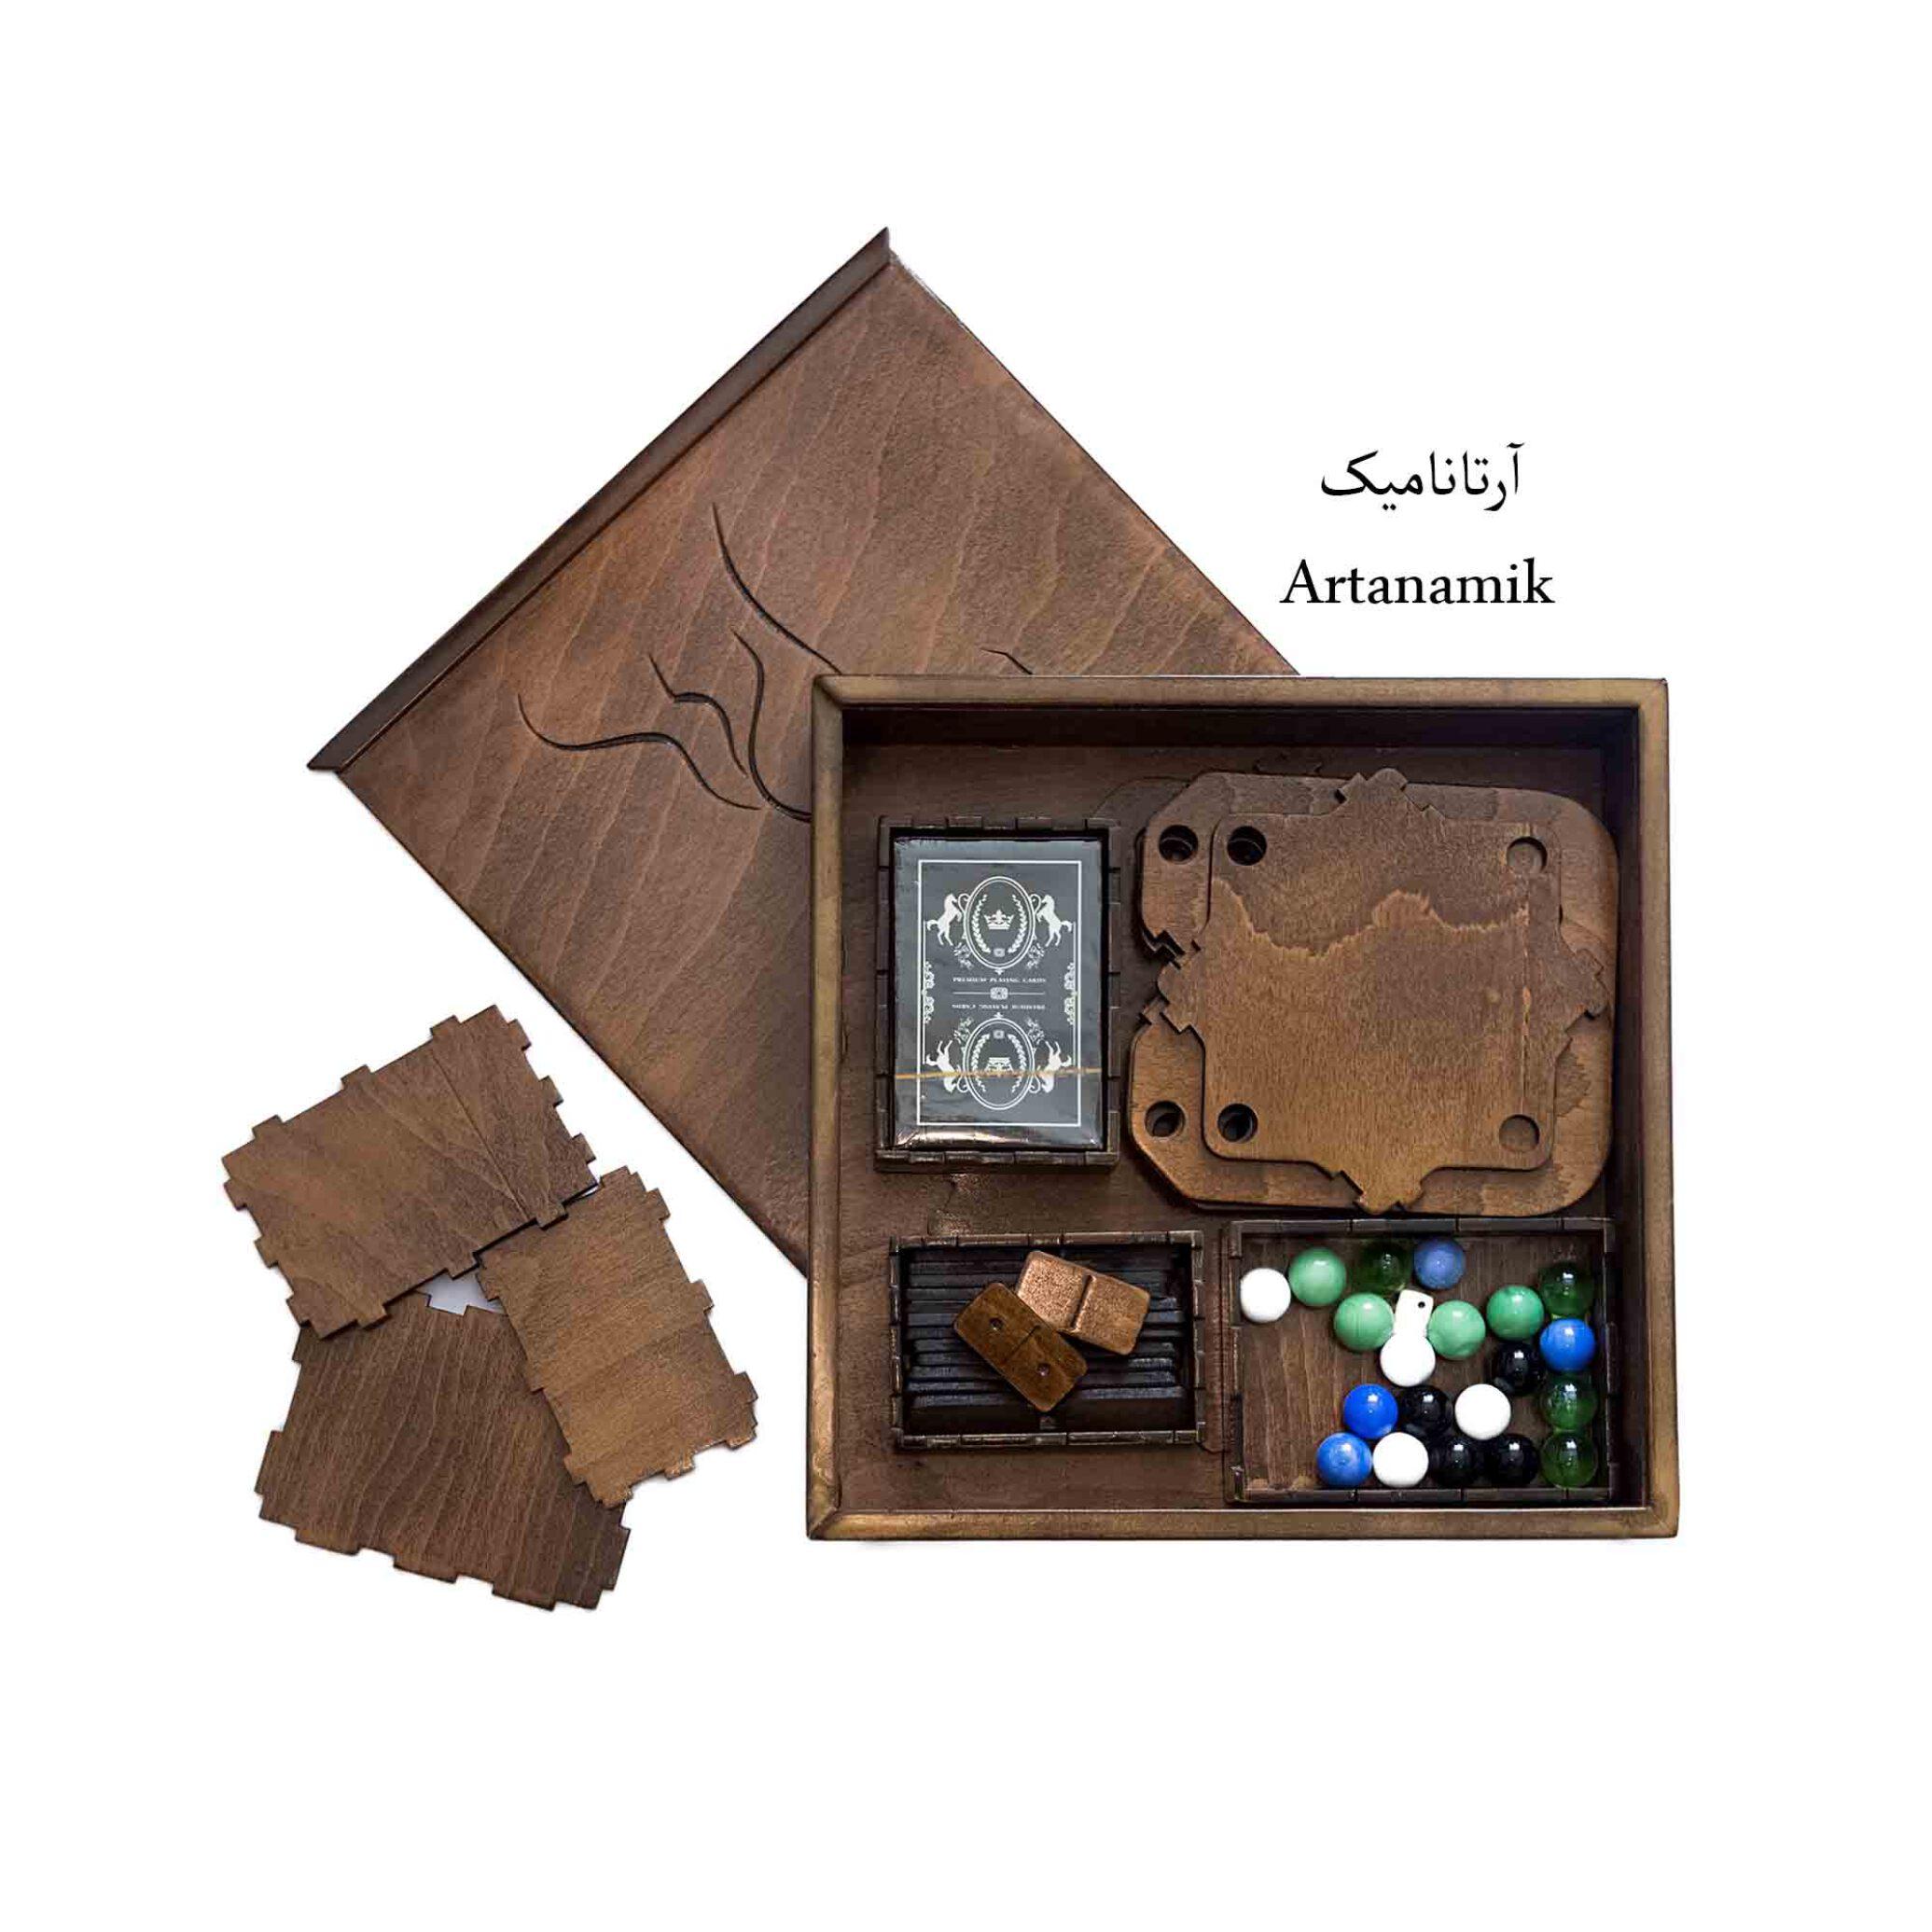 باکس کادویی شامل 4 بازی : منچ 4 نفره، منچ 6 نفره، دومینو ، کارت.